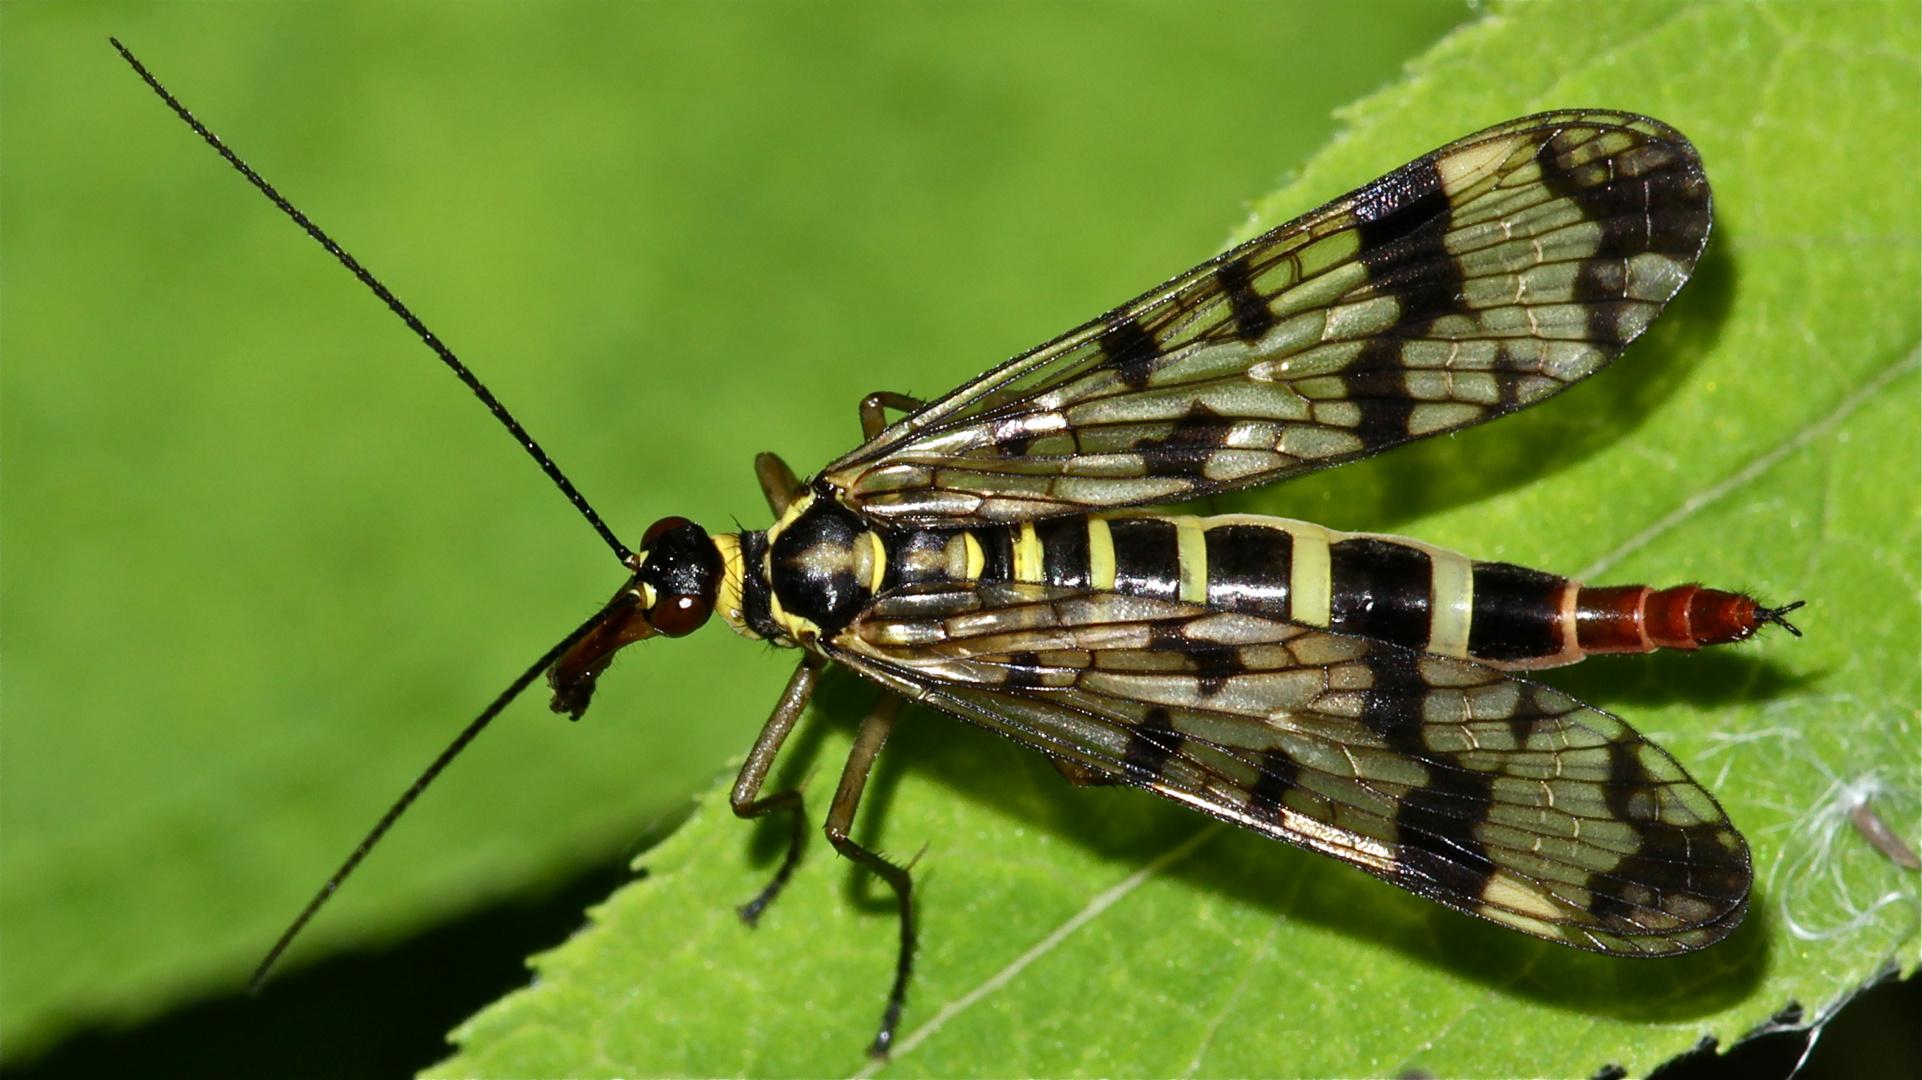 Das Weibchen der Gemeinen Skorpionsfliege (Panorpa communis)